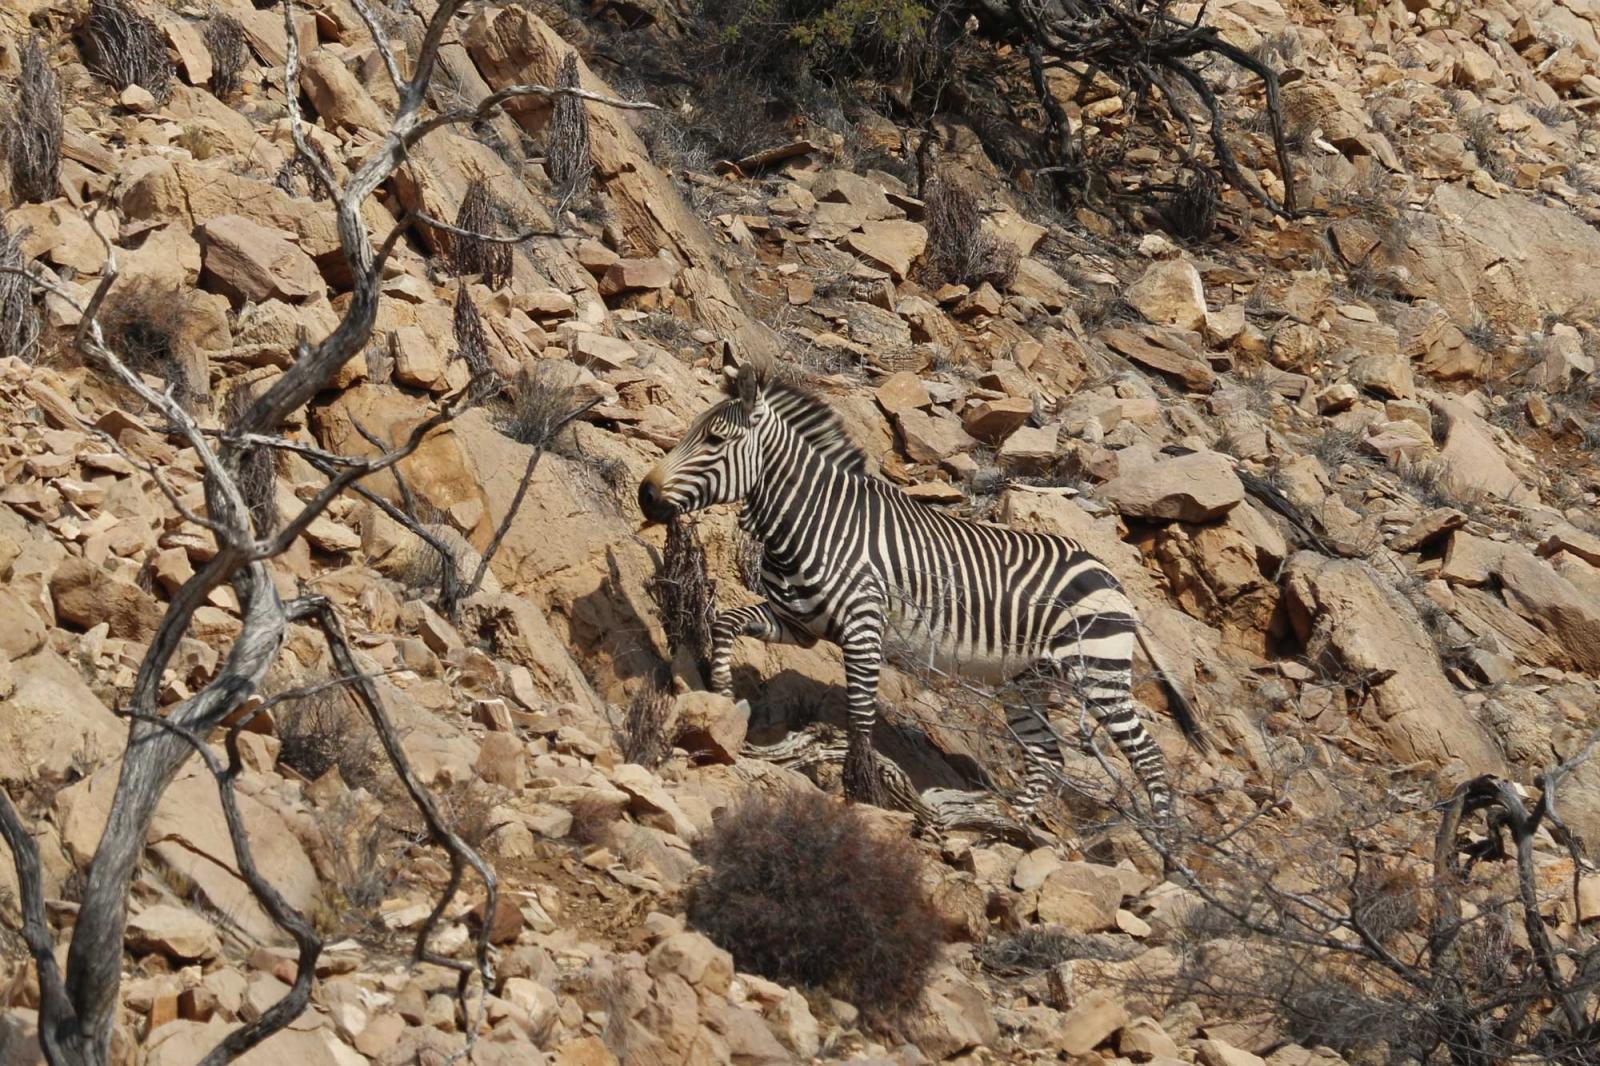 Das Bergzebra, ein extrem scheues Tier mit unglaublicher Trittsicherheit